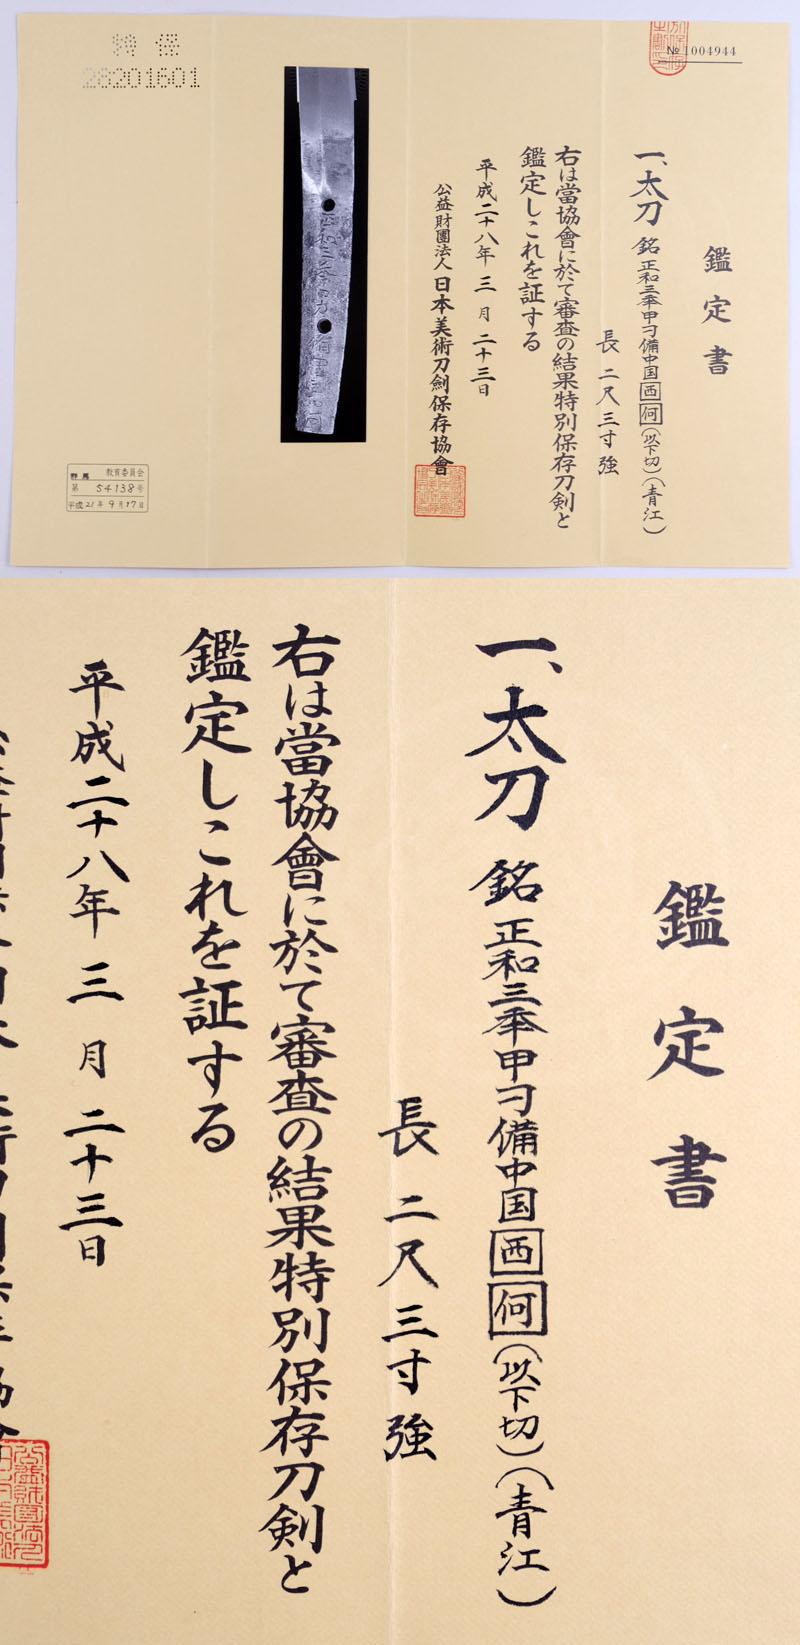 正和三奉甲備中国西阿(以下切)(青江) Picture of Certificate